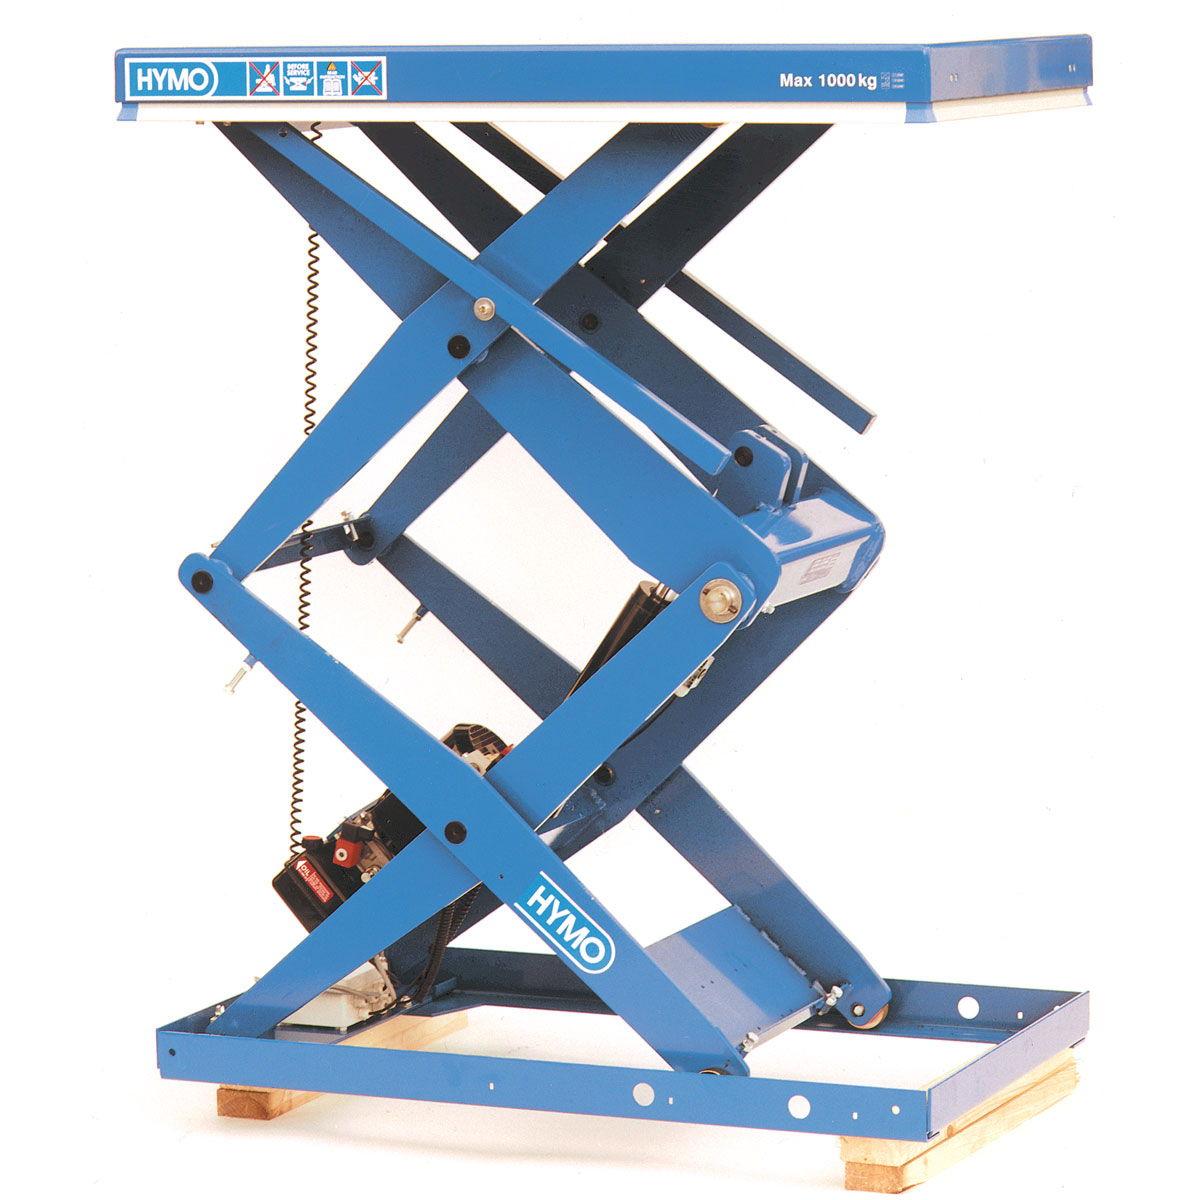 Mesas elevadoras de alto rendimiento de doble y triple tijera de altas prestaciones